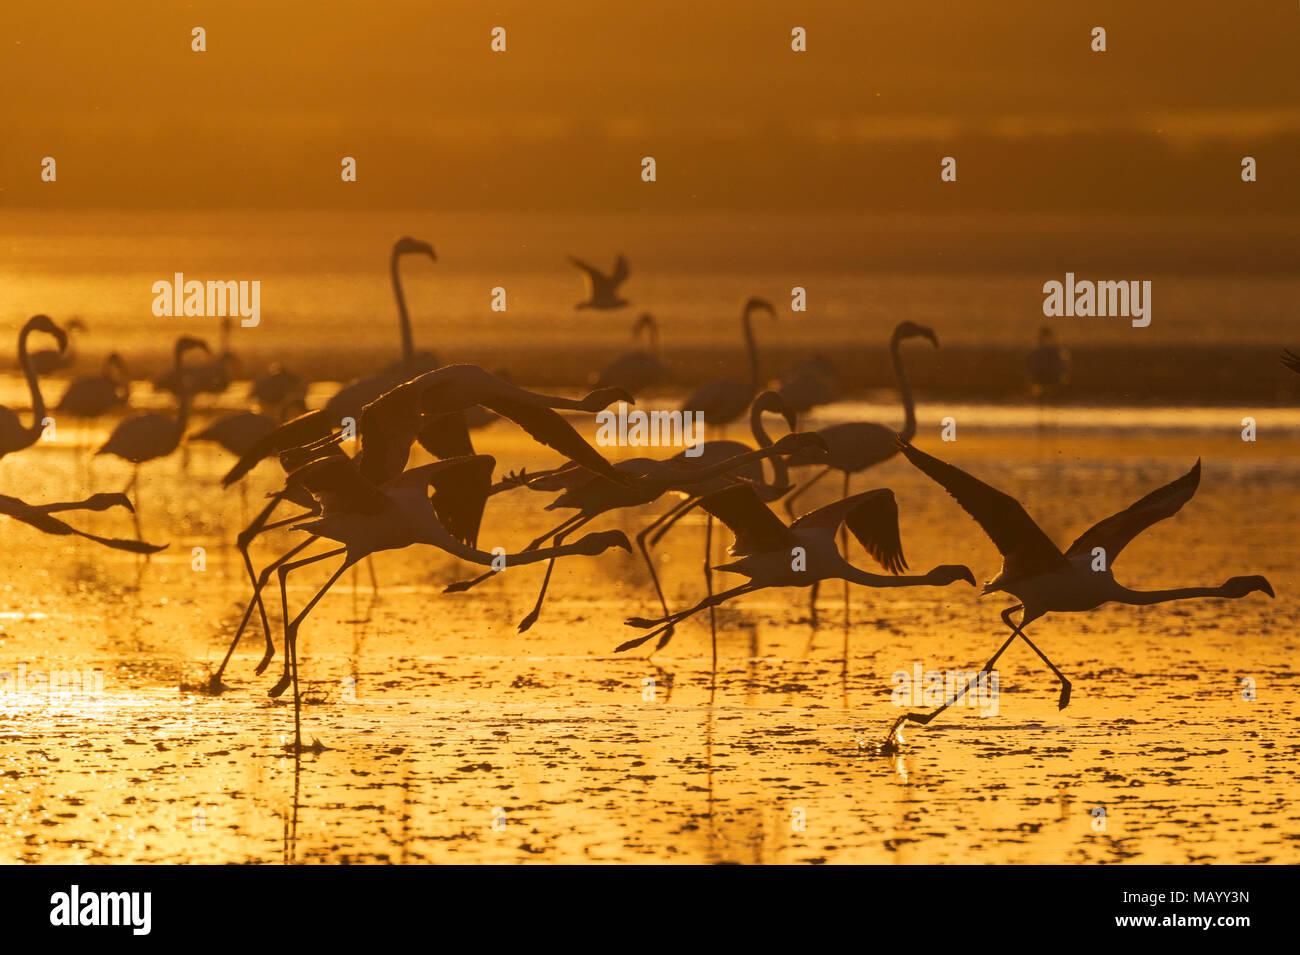 Greater Flamingos (Phoenicopterus roseus), in flight, at sunset, silhouette, Laguna de Fuente de Piedra, Malaga province - Stock Image